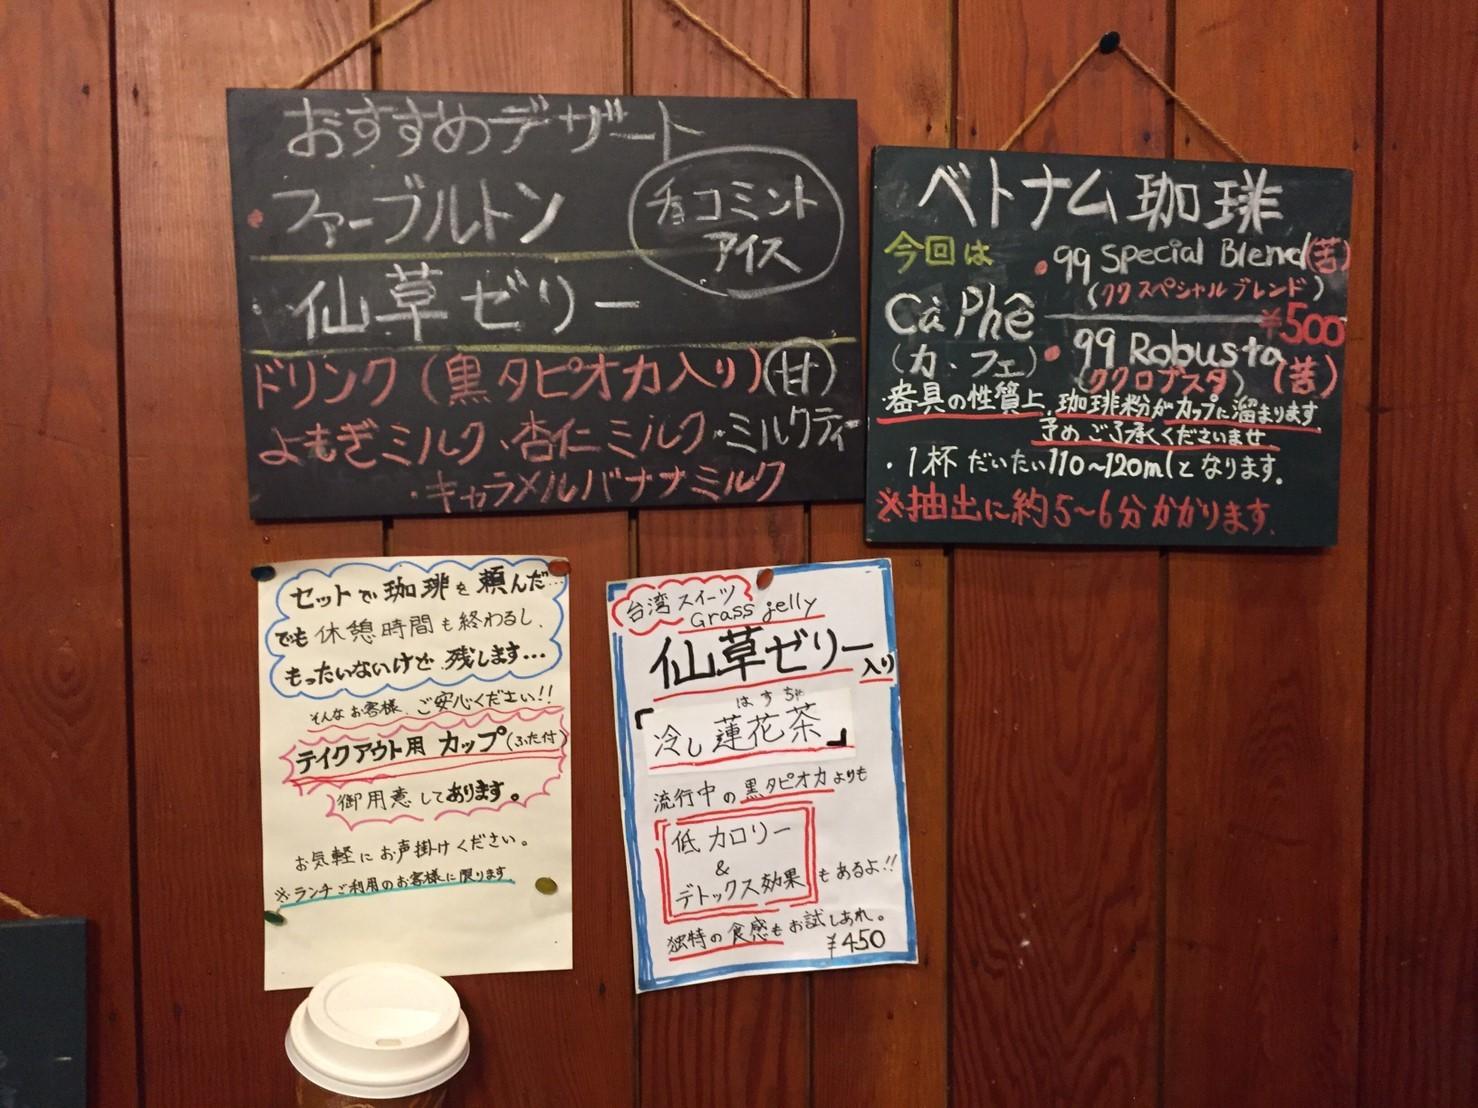 喫茶 1er ぷるみえ (ゴーヤ入りバターライスにアジアンカレーソースココナッツ入り)_e0115904_02134400.jpg